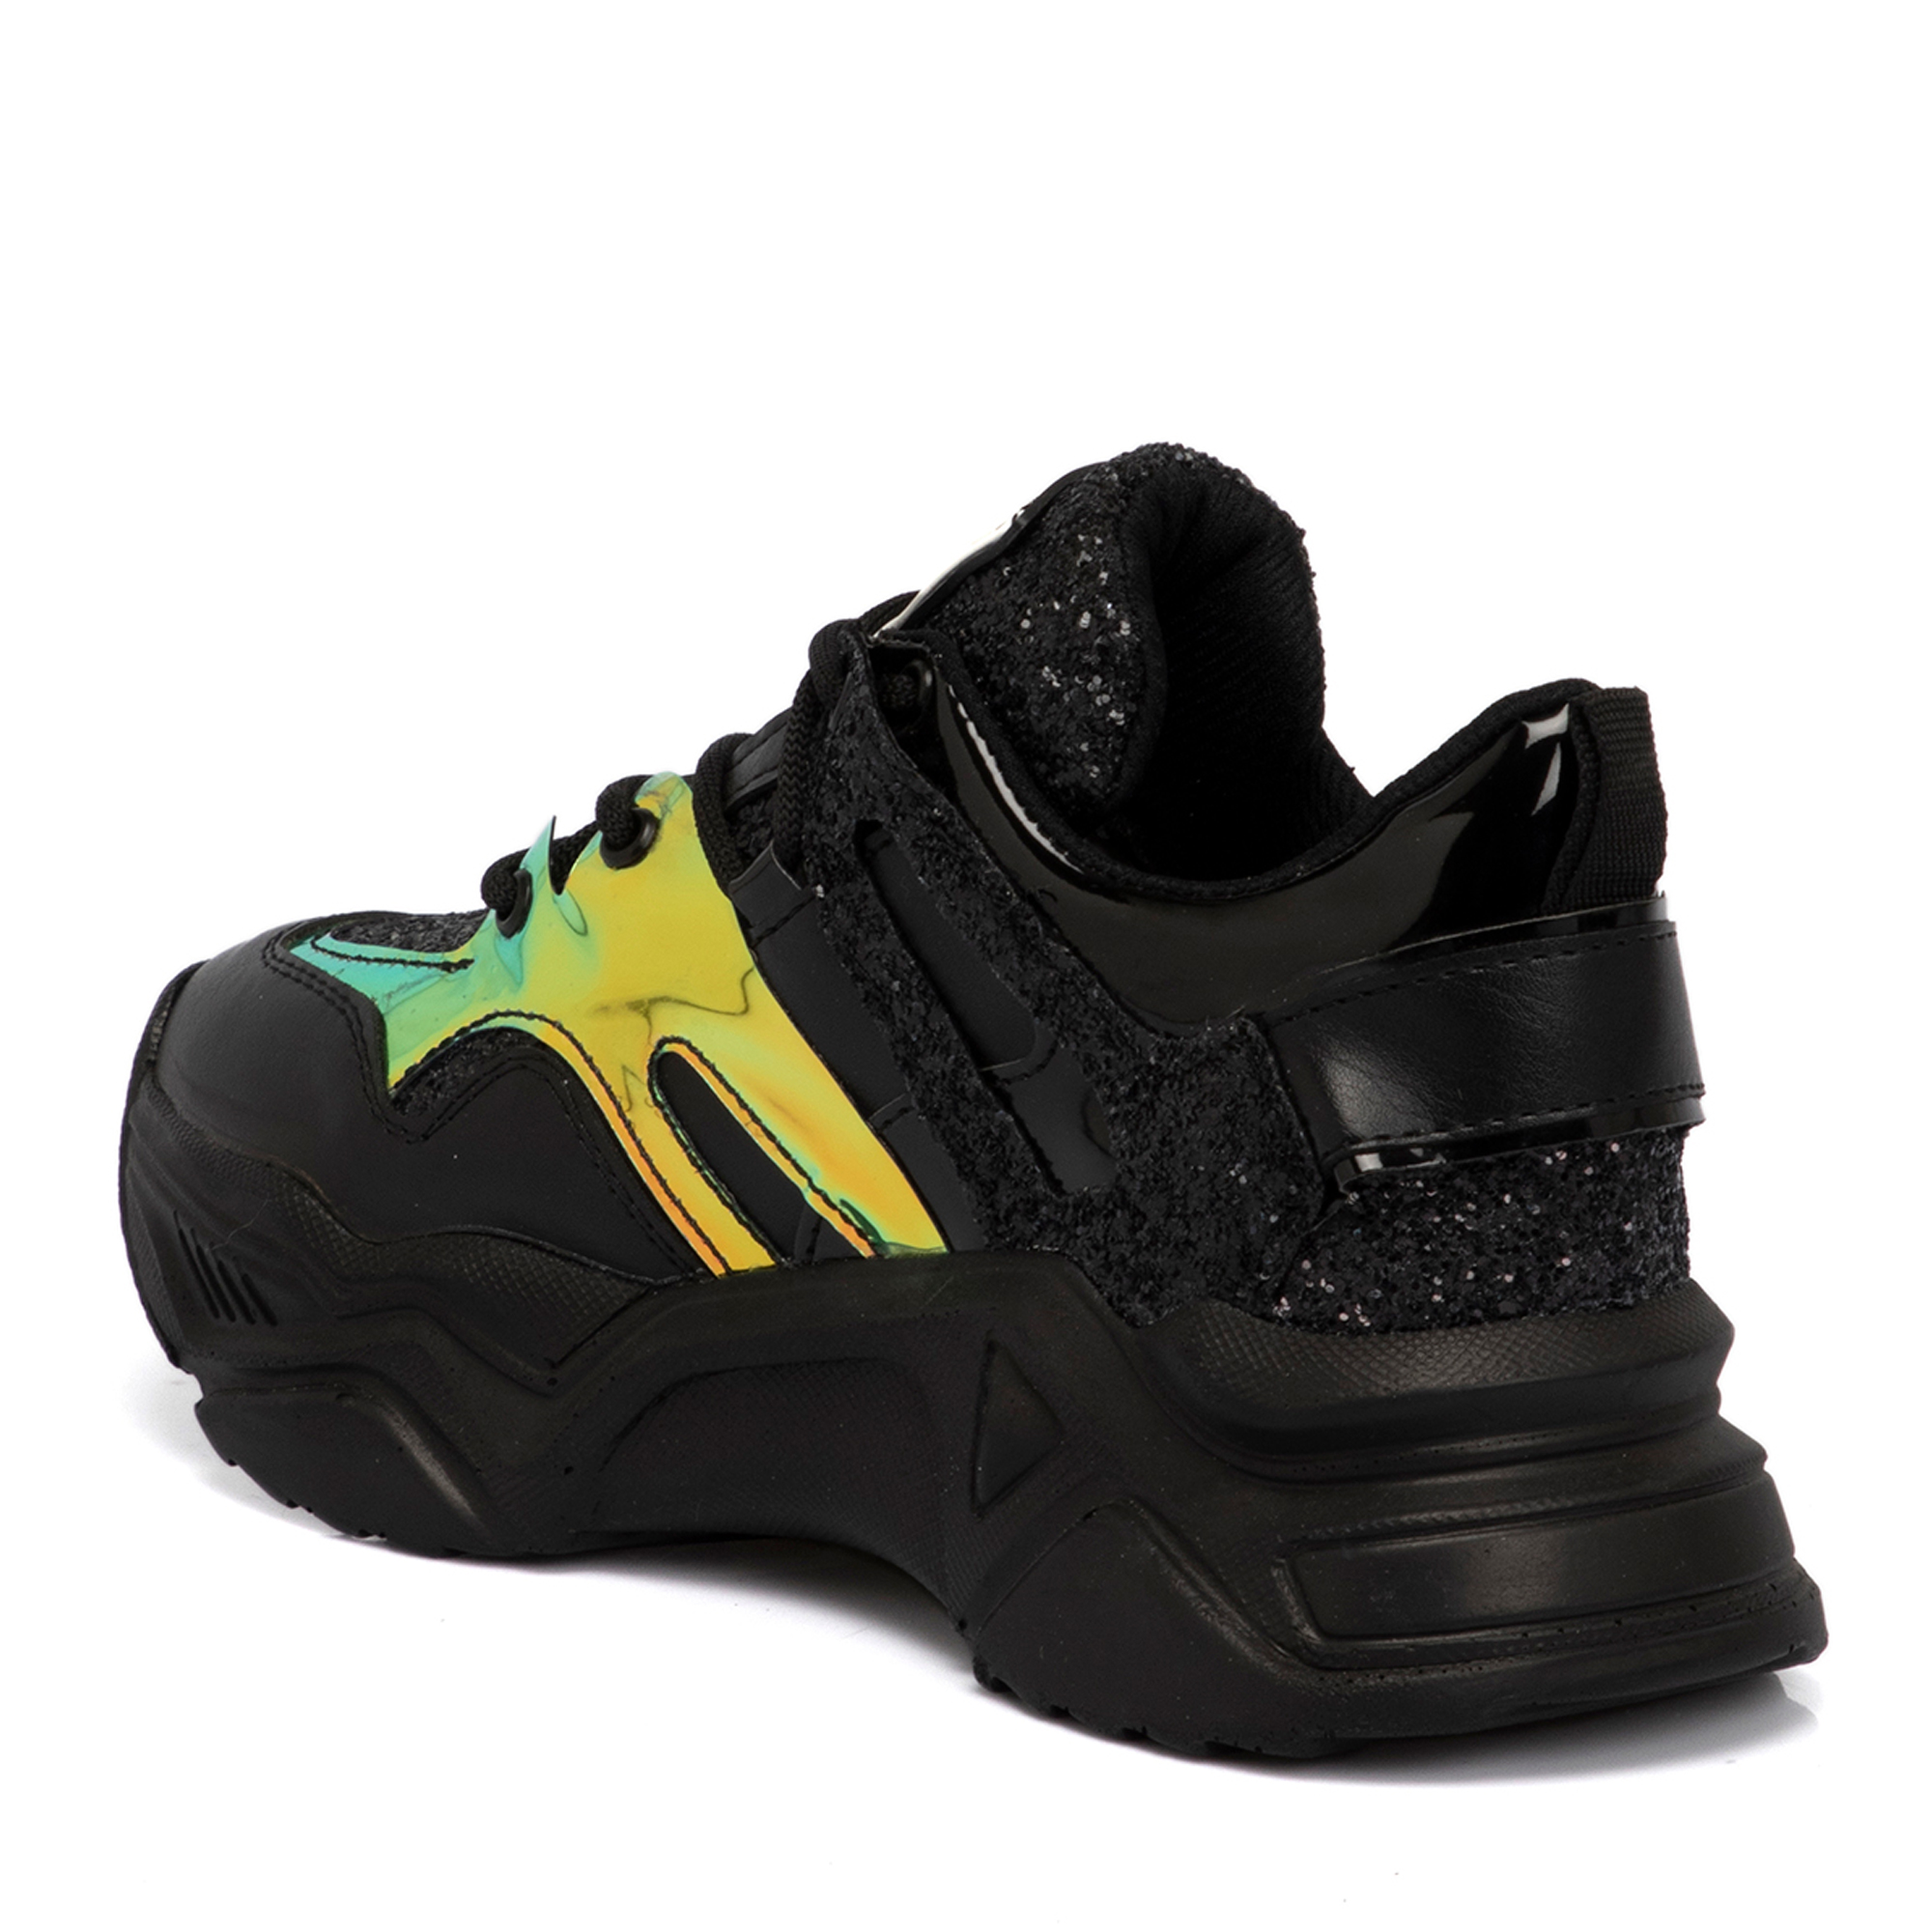 Siyah Vegan Kadın Ayakkabı 65077D62